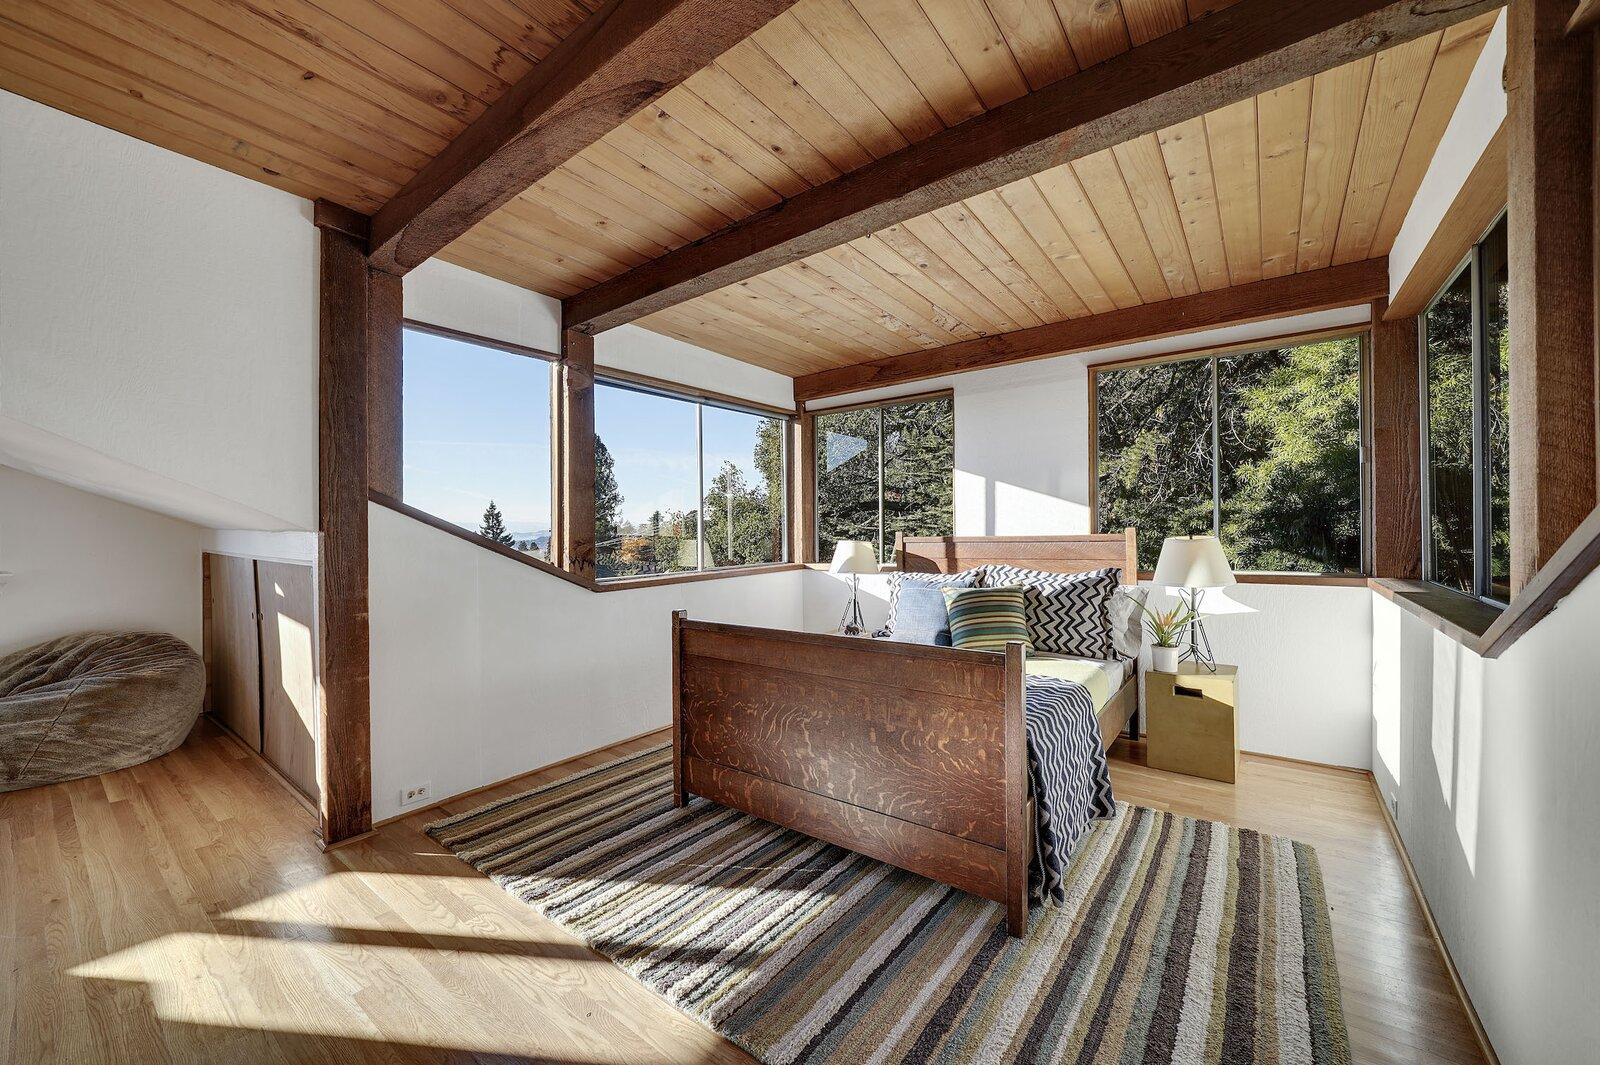 Ericsson-Bray House bedroom